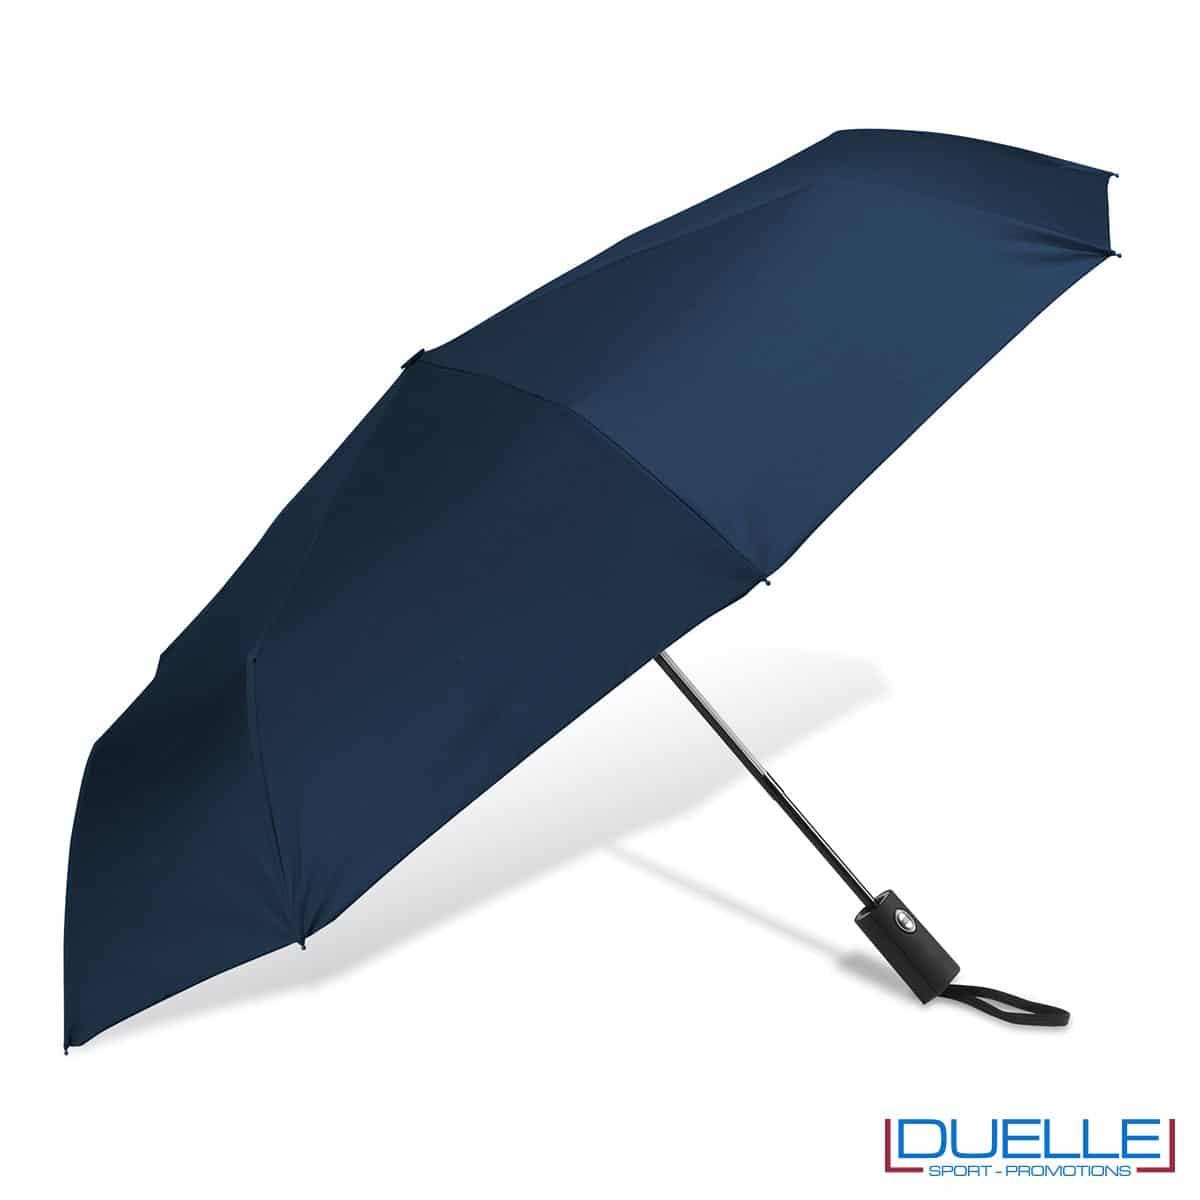 ombrello mini personalizzato automatico colore blu navy, ombrello personalizzato